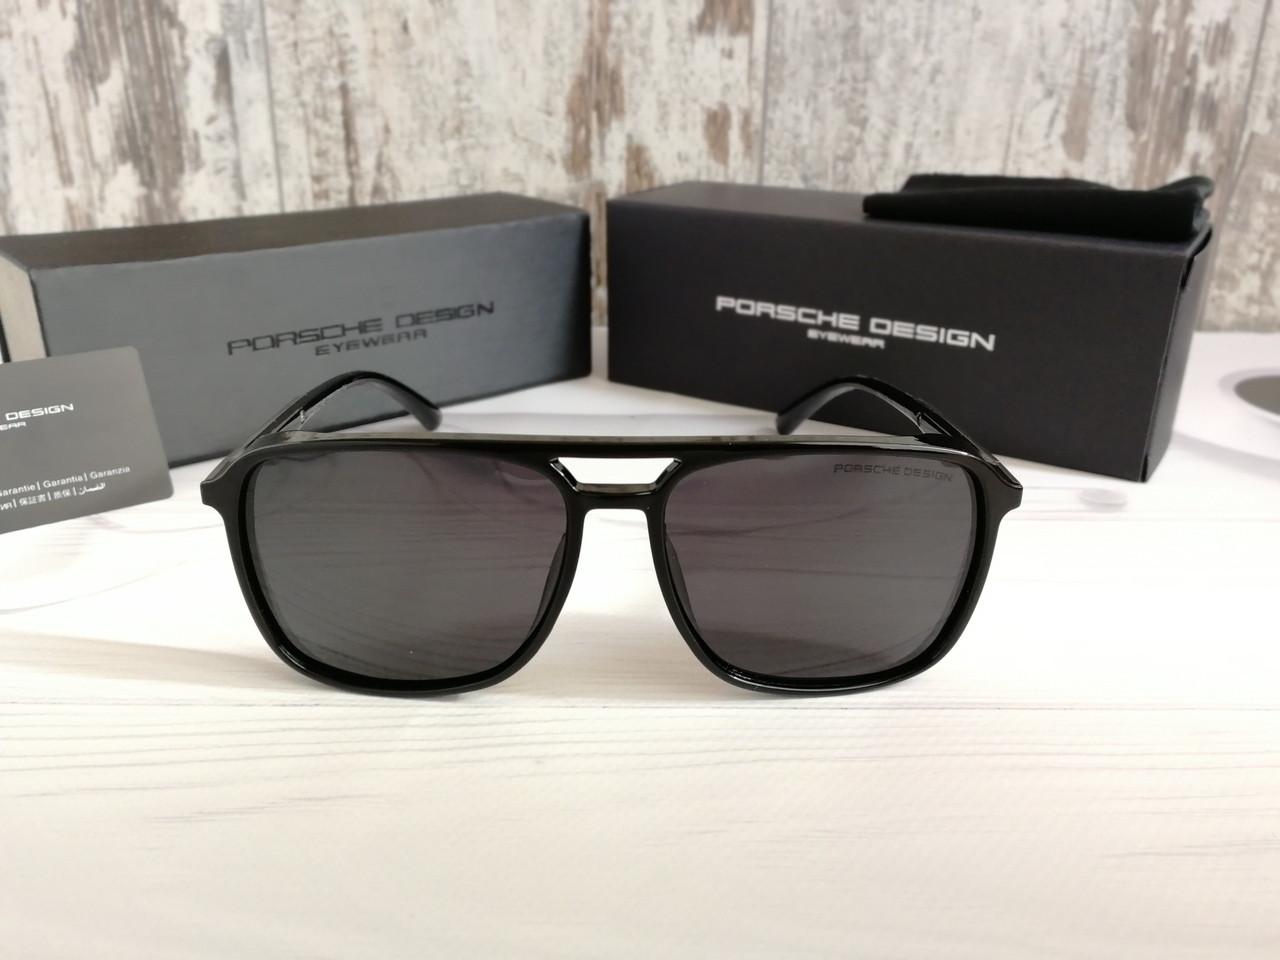 Мужские брендовые солнцезащитные очки с поляризацией Porsche Design